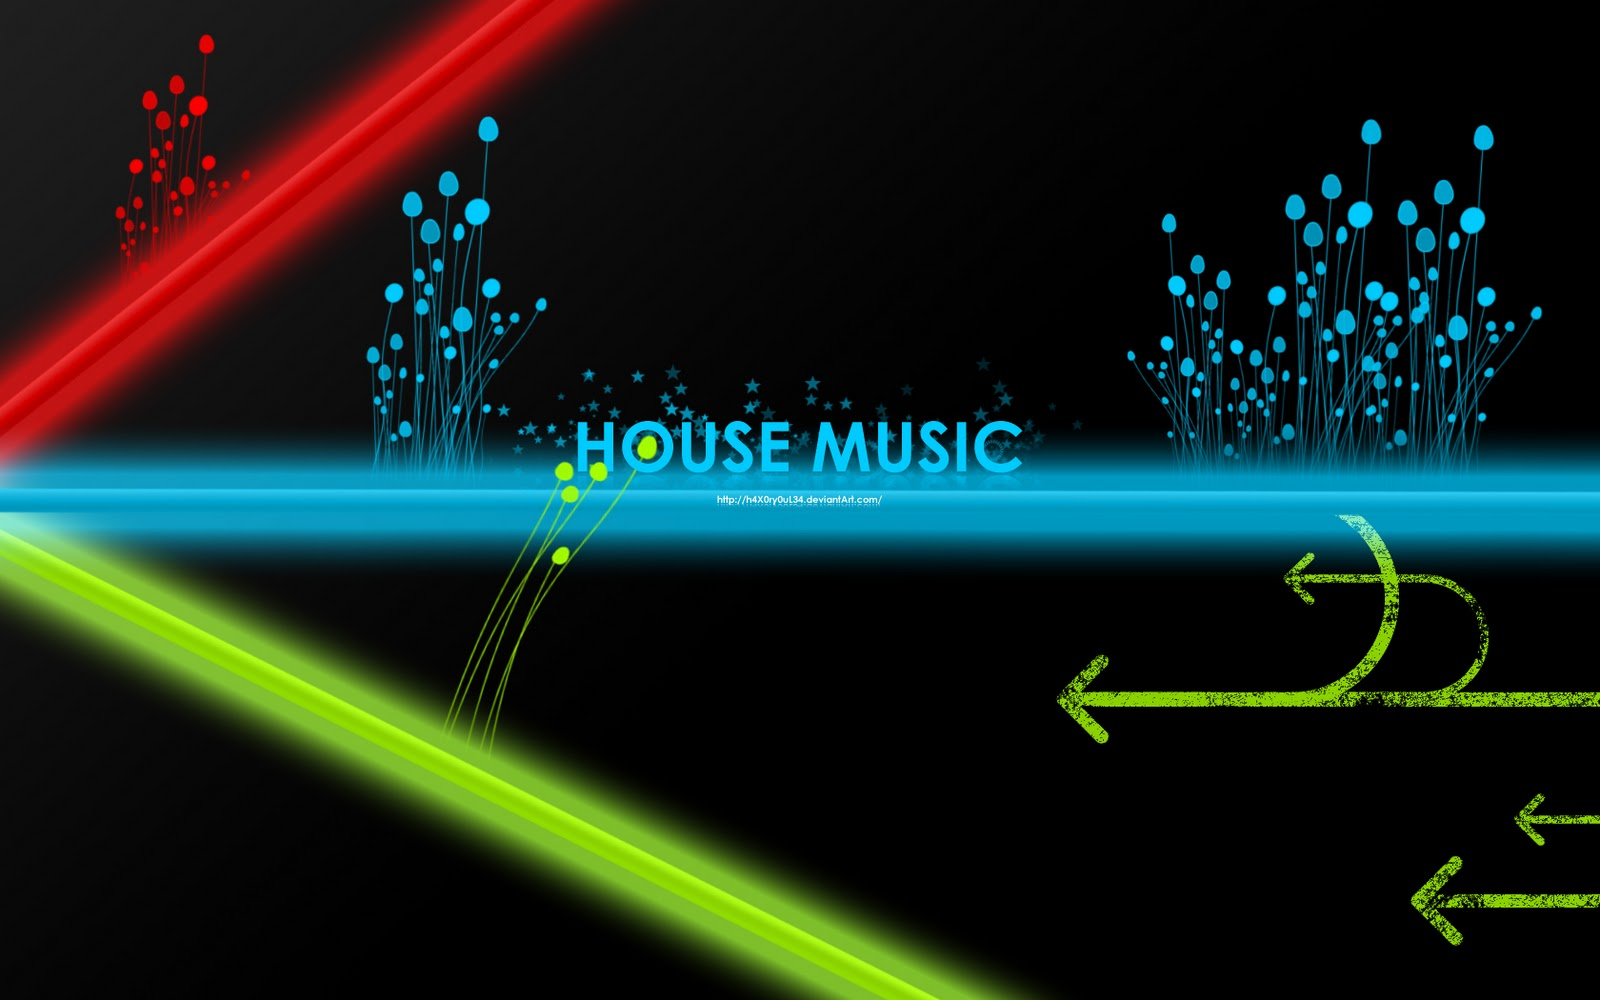 http://1.bp.blogspot.com/-MbX3bfQE9nU/TVjwnbY-6xI/AAAAAAAAAks/Ly0A80aNqzU/s1600/House_Music_Wallpaper_by_h4X0ry0uL34.jpg